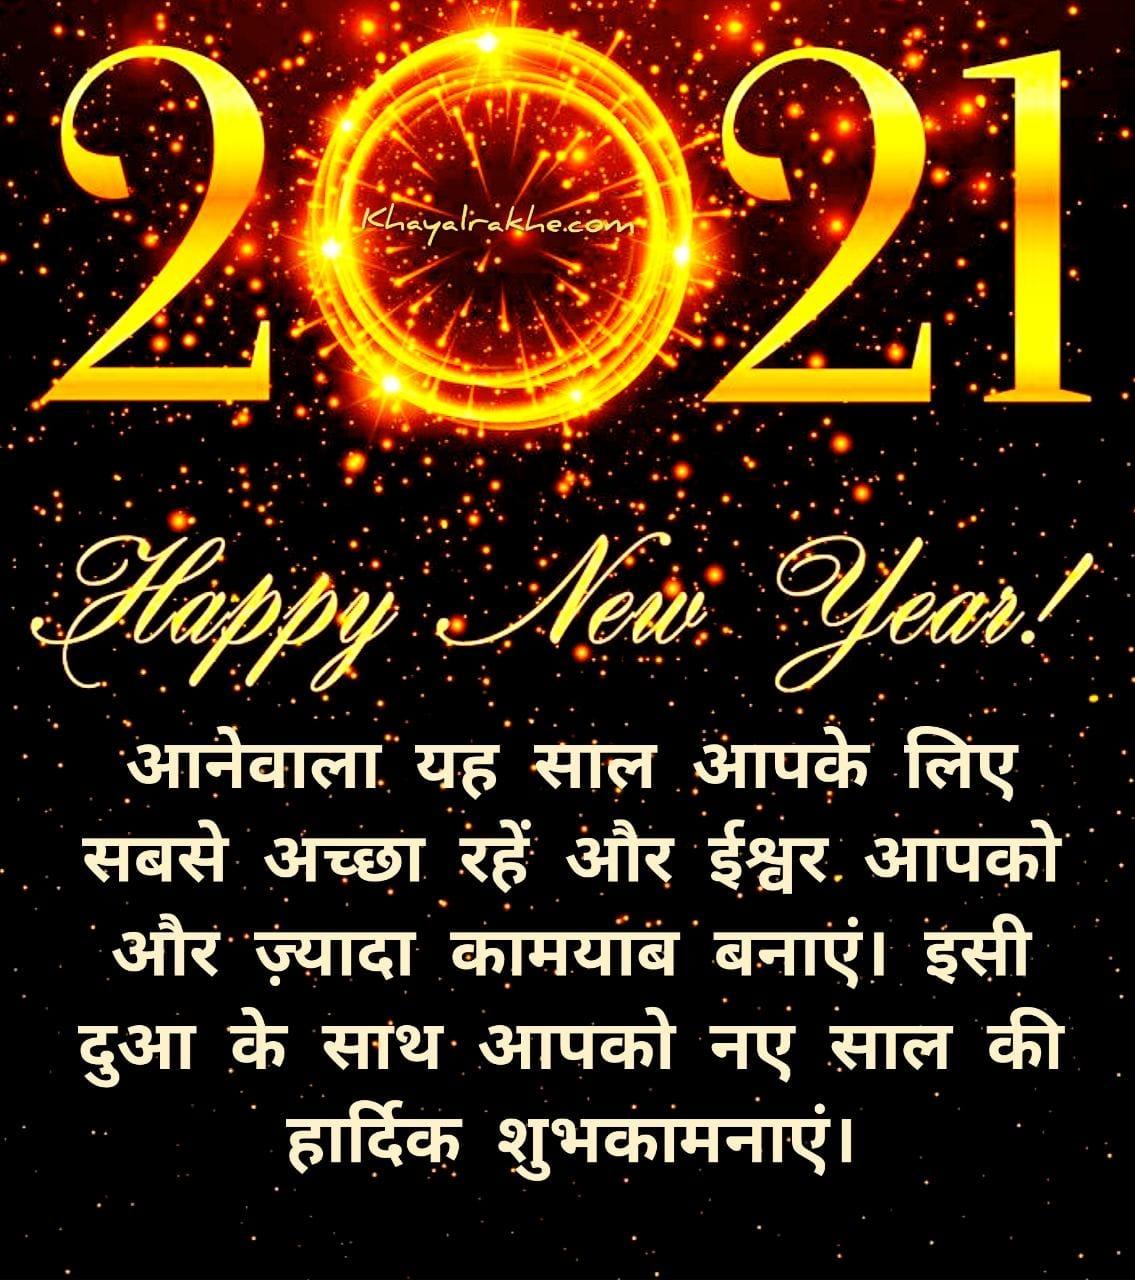 Happy New Year Shayari In Hindi- for WhatsApp